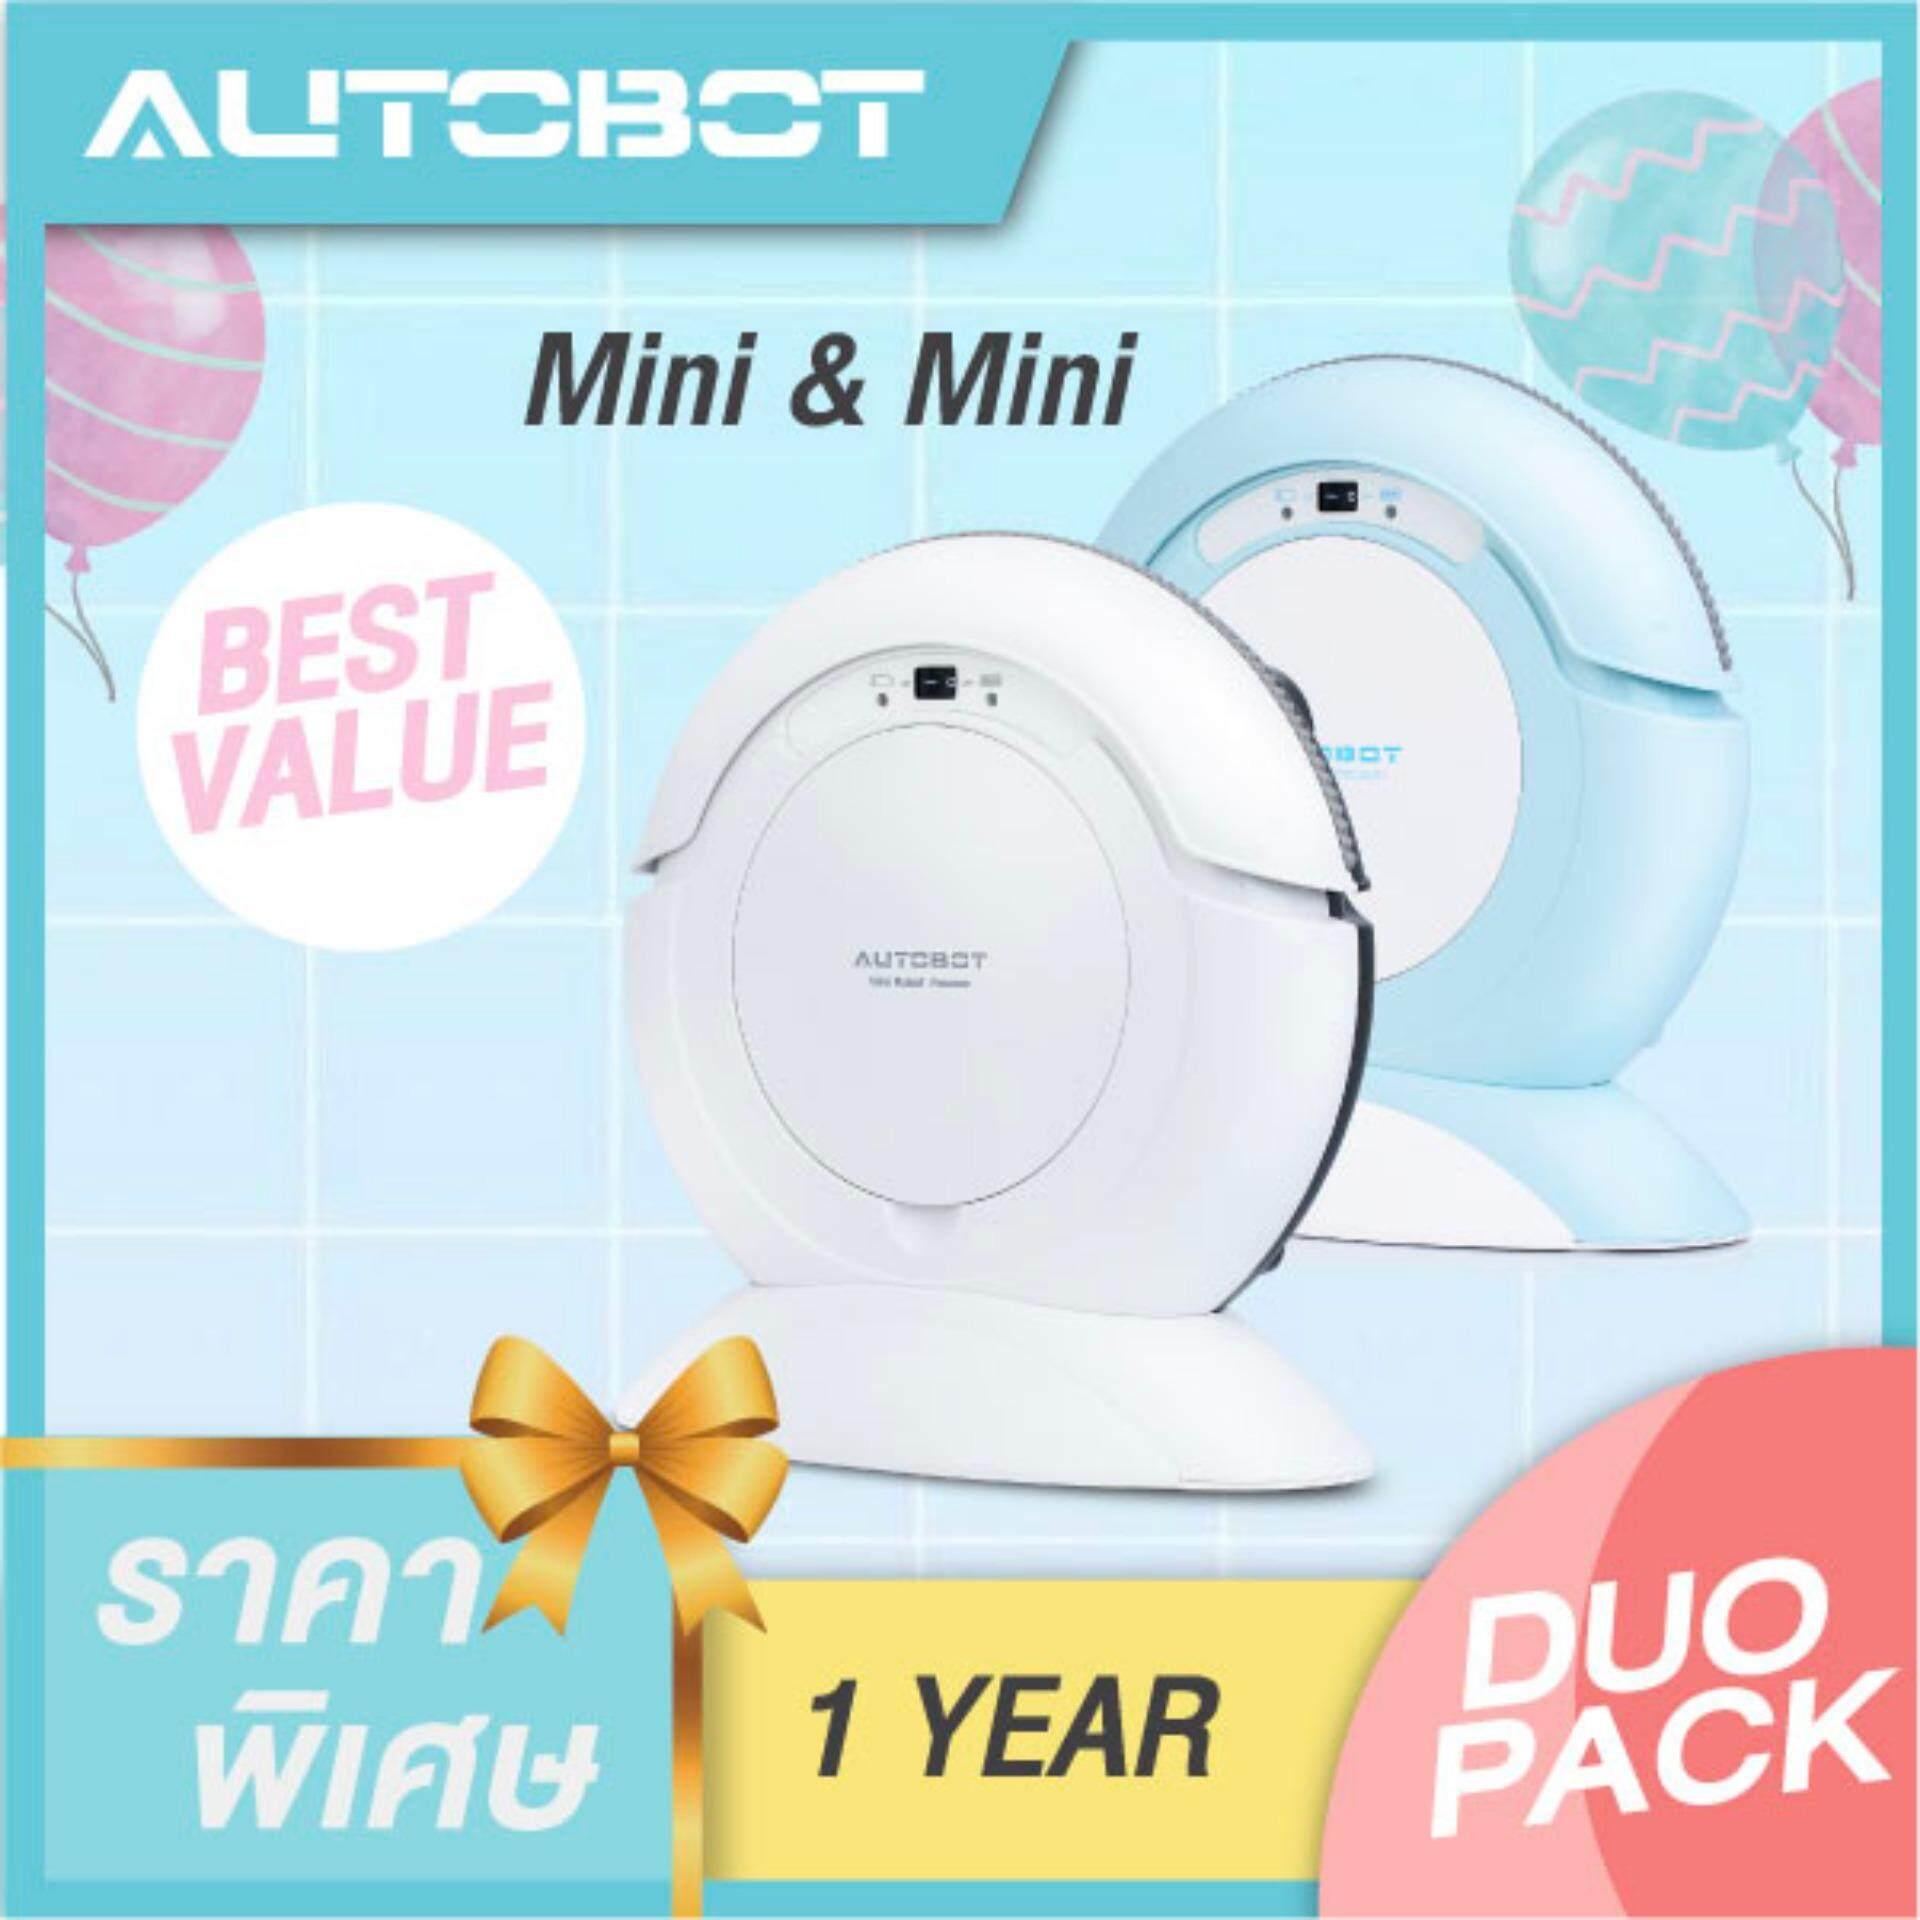 มีใครขาย  [ ผ่อน 0% ] AUTOBOT หุ่นยนต์ดูดฝุ่น เครื่องดูดฝุ่น โรบอท ถูพื้น Vacuum cleaner Saving Pack ( Mini White / Mini Blue ) จะซื้อรุ่นไหนดี